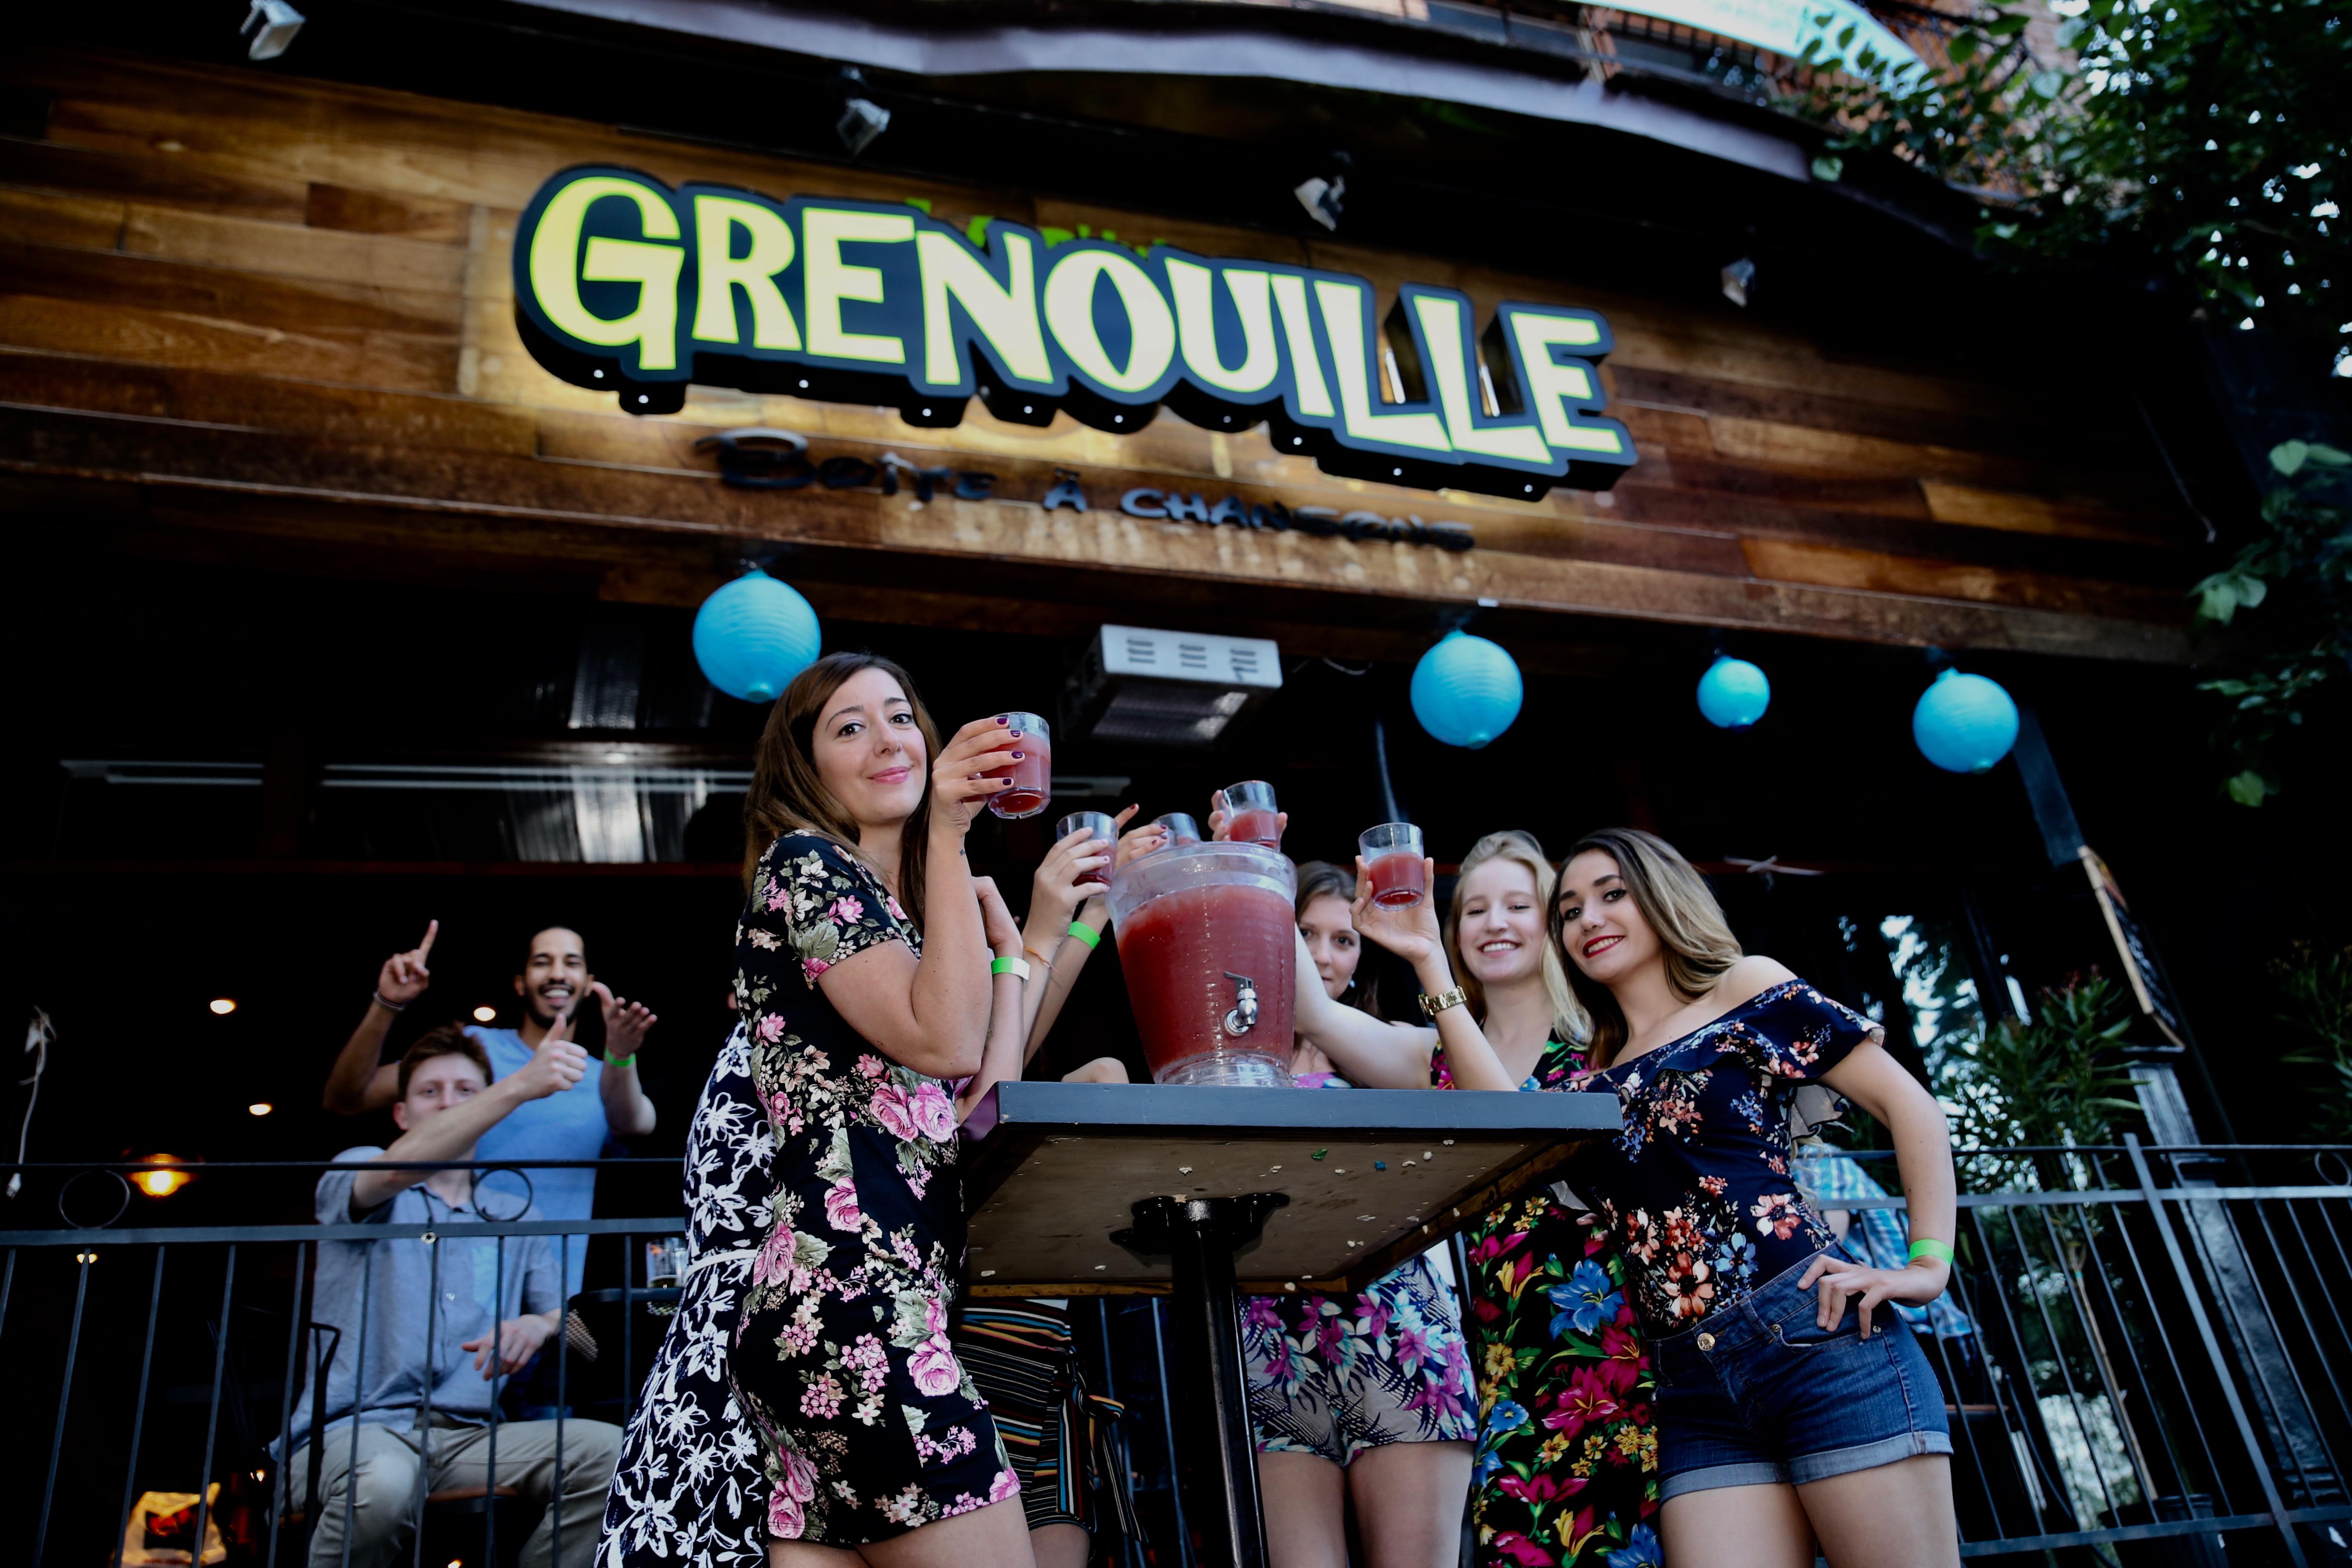 Un bar montréalais t'offre le meilleur deal de l'été: le 10L de sangria